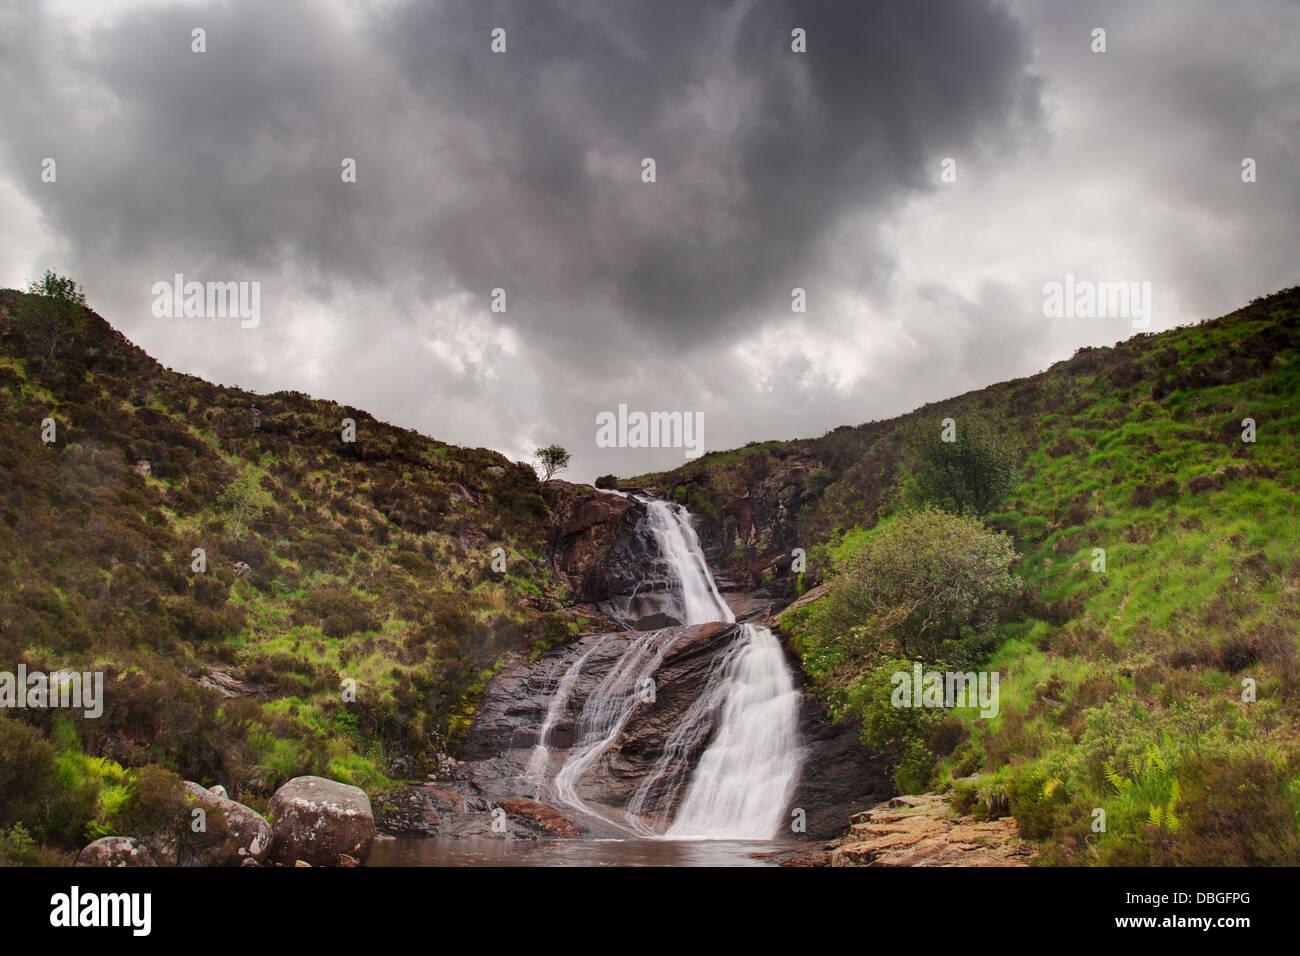 Waterfall Isle of Skye, Inner Hebrides Scotland, UK LA006490 - Stock Image